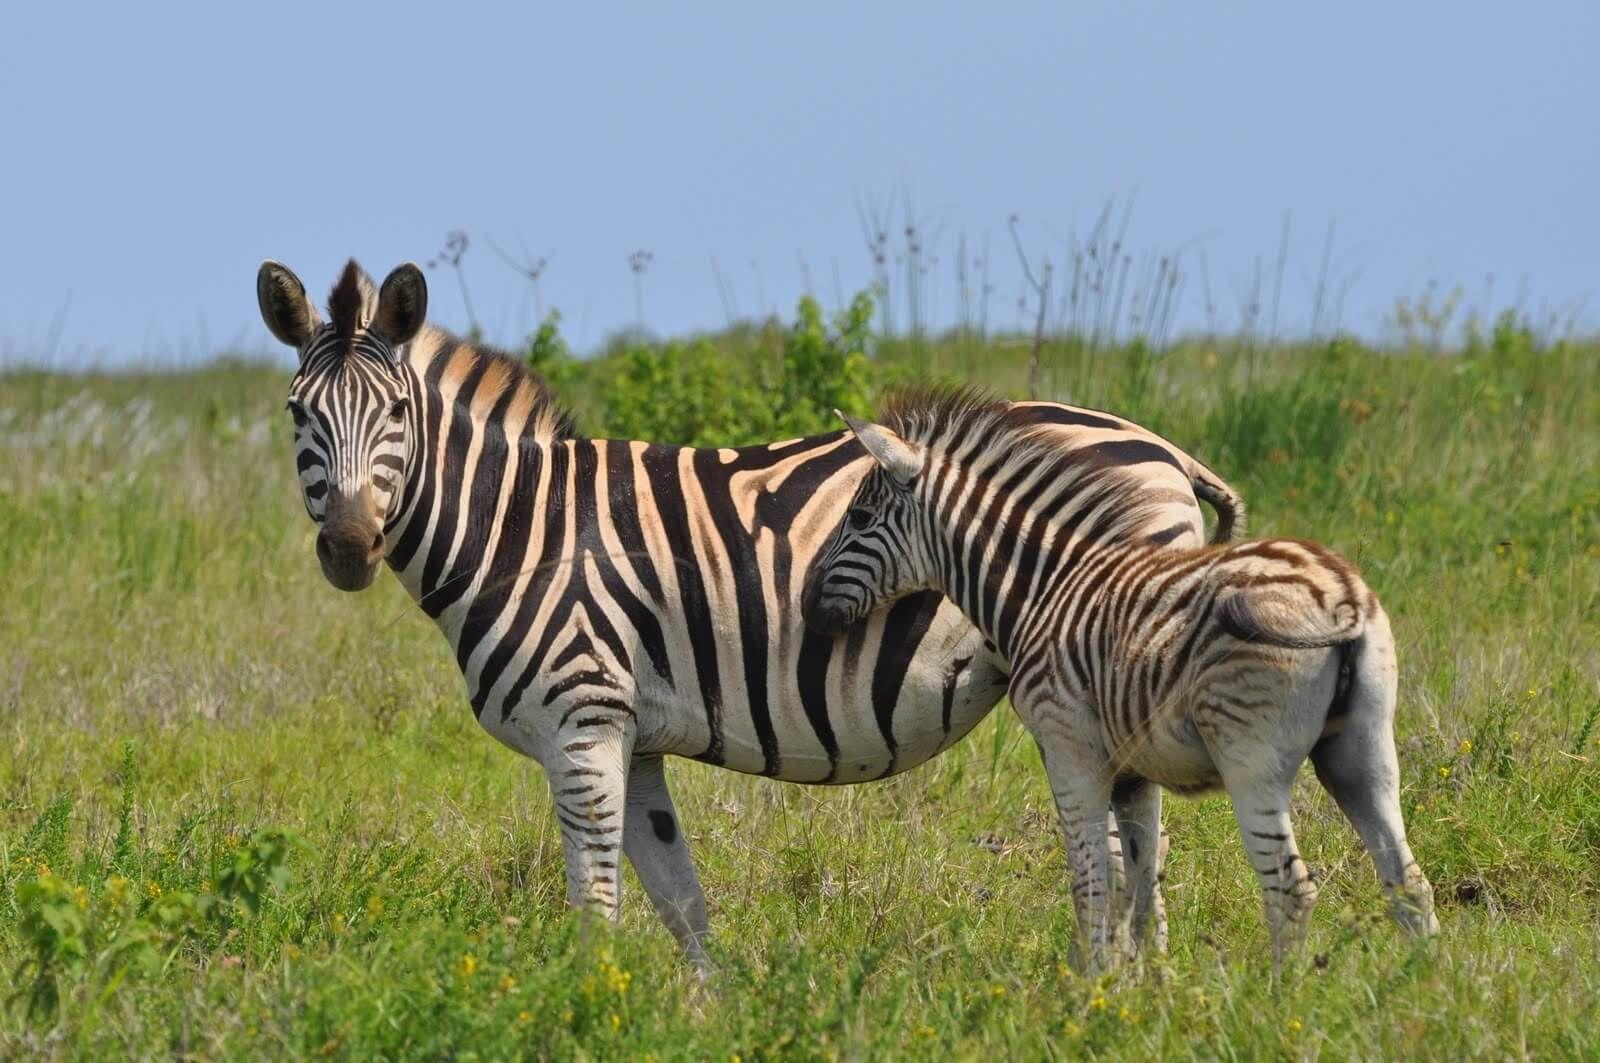 картинки львов пантеры и зебра такой новый формат